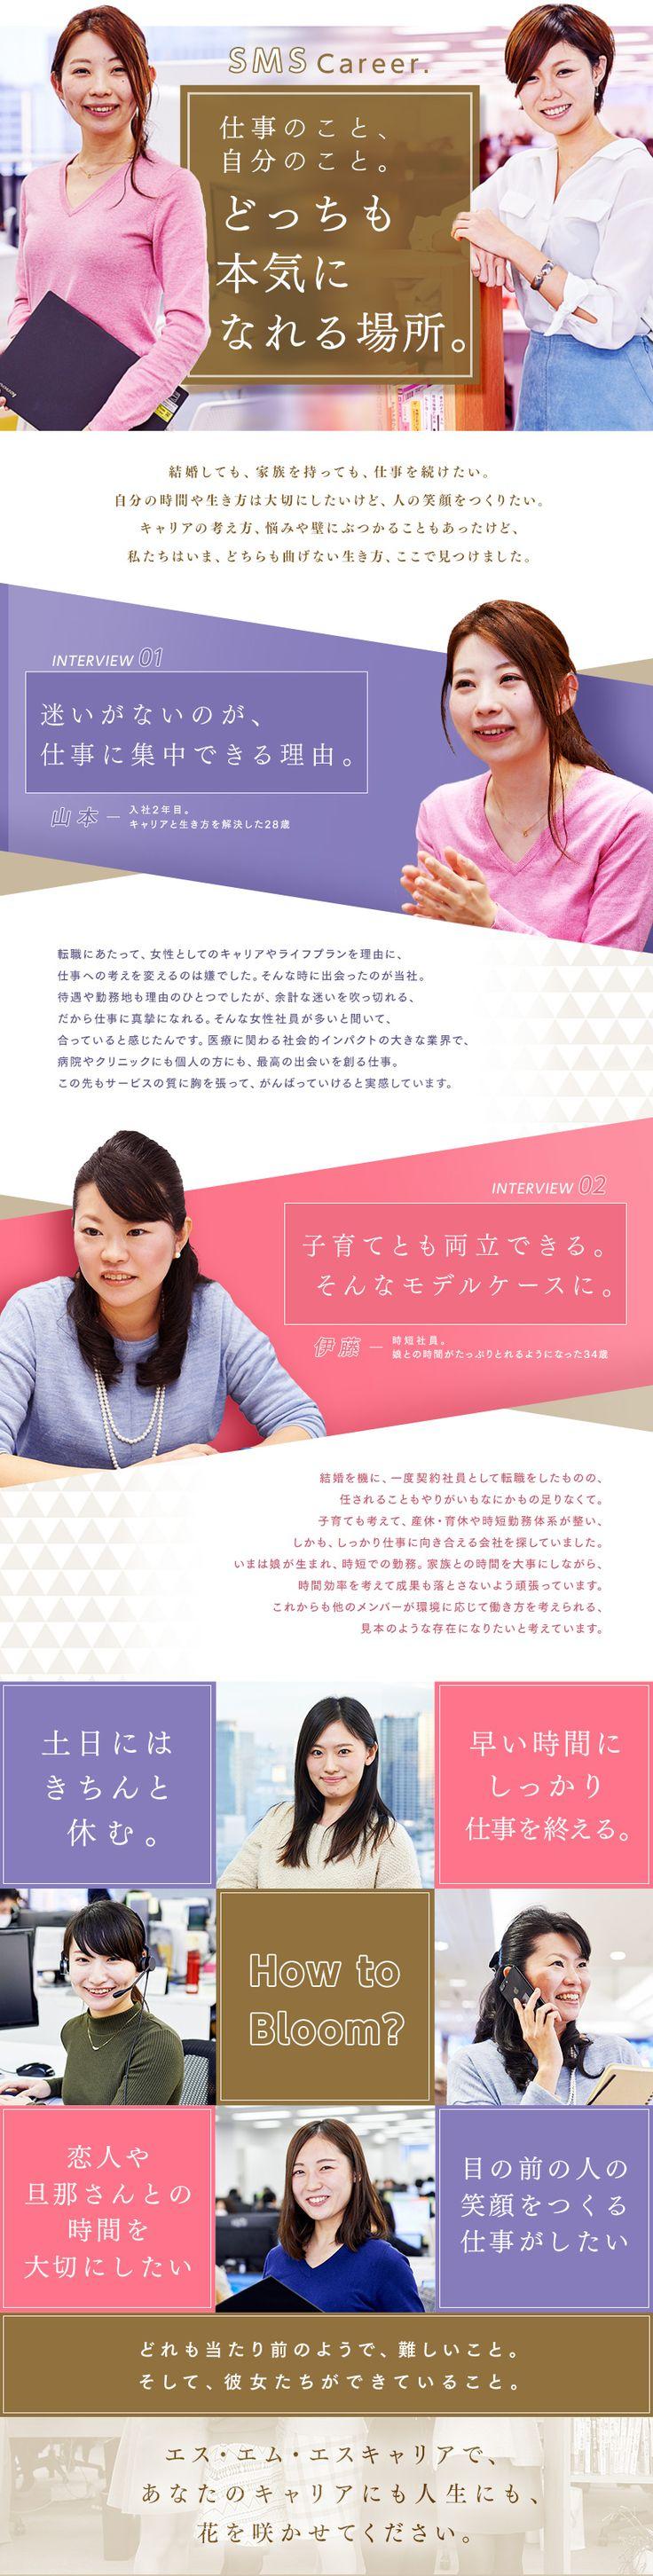 株式会社エス・エム・エスキャリア/人材コーディネーター(内勤)の求人PR - 転職ならDODA(デューダ)